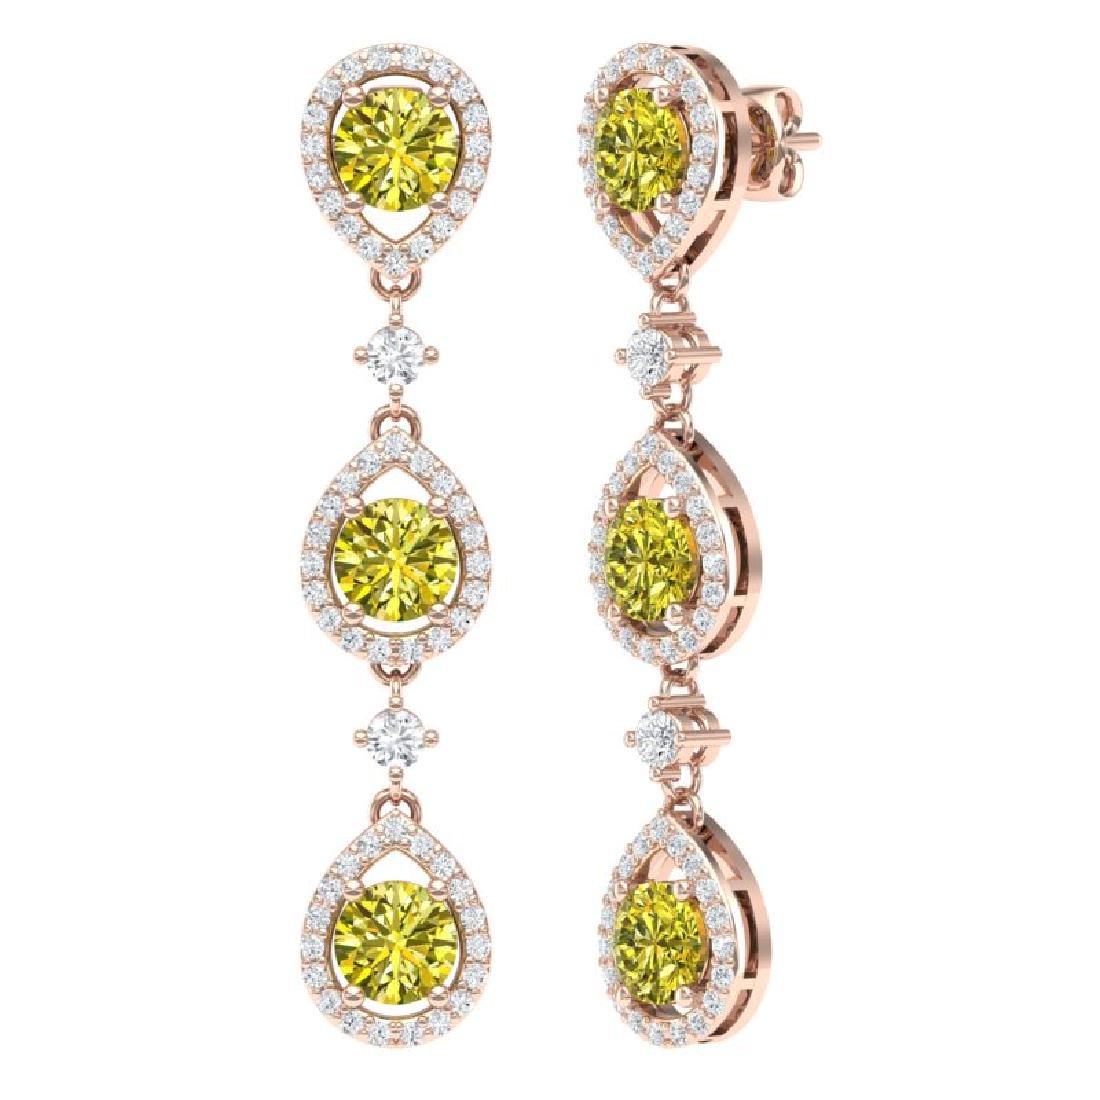 5.11 CTW Fancy Yellow SI Diamond Earrings 18K Rose Gold - 3